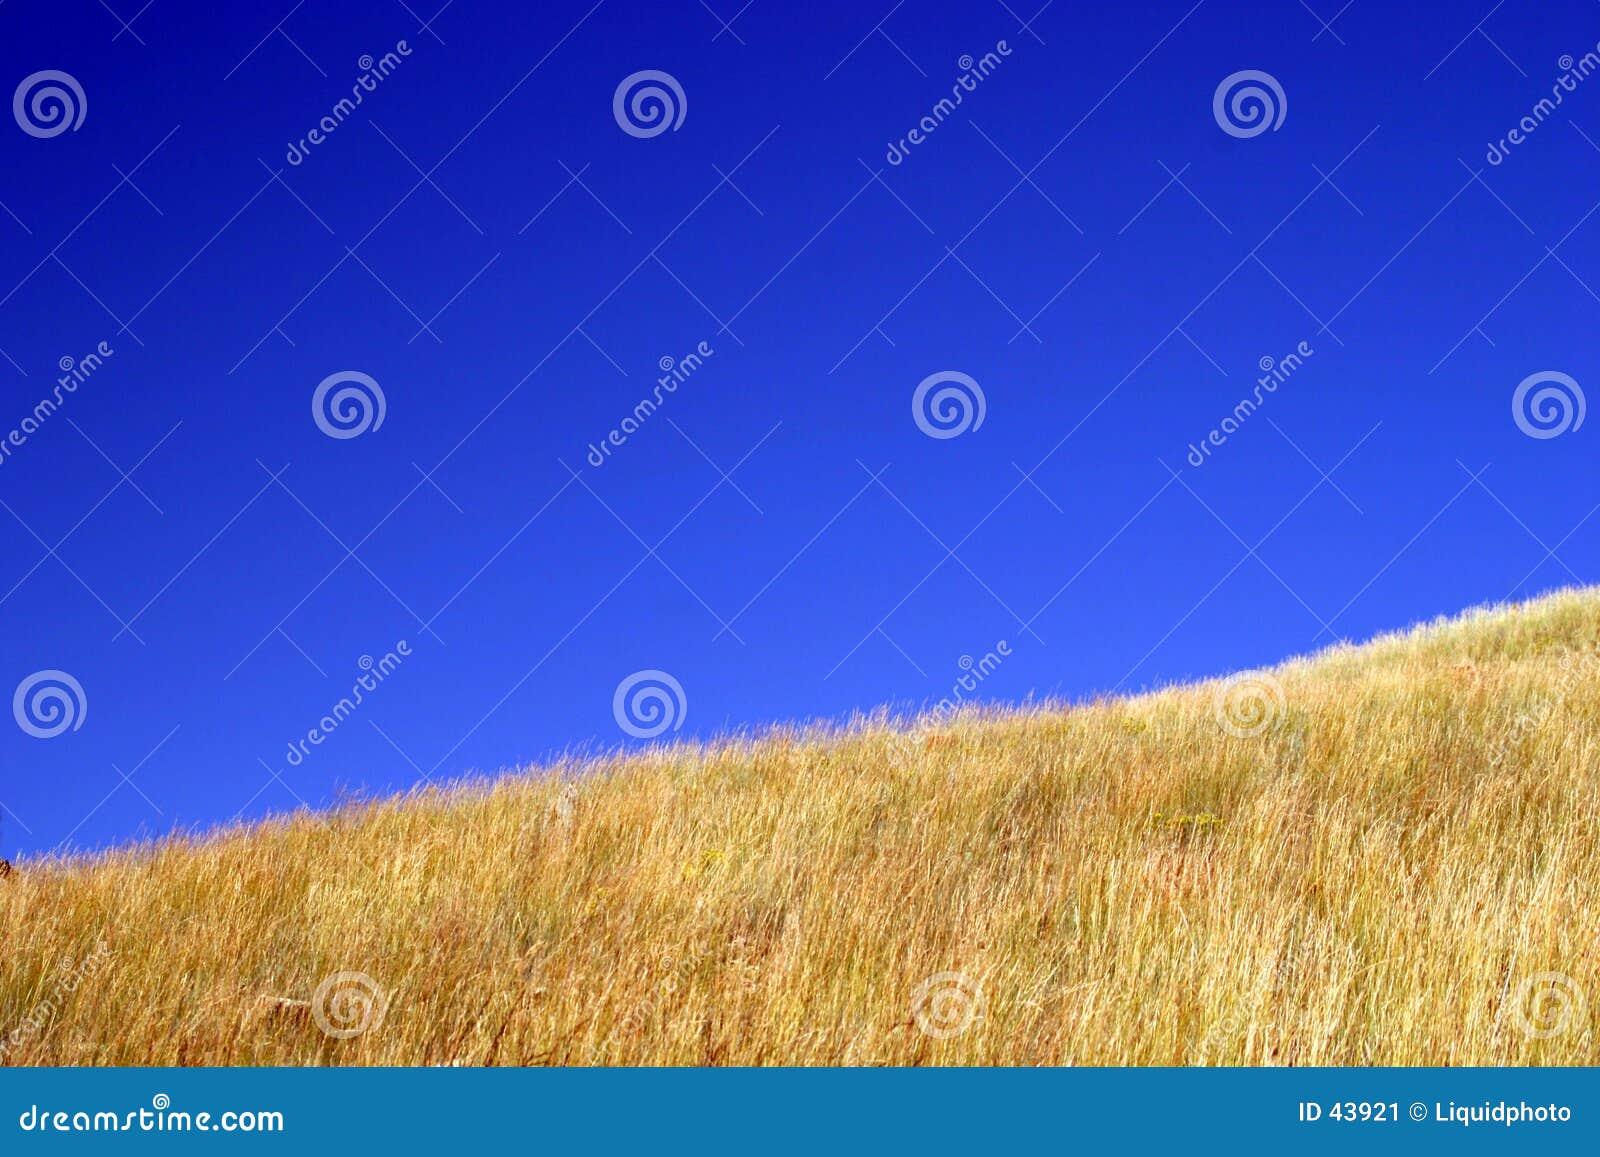 Blauer Himmel-Gelb-Gras